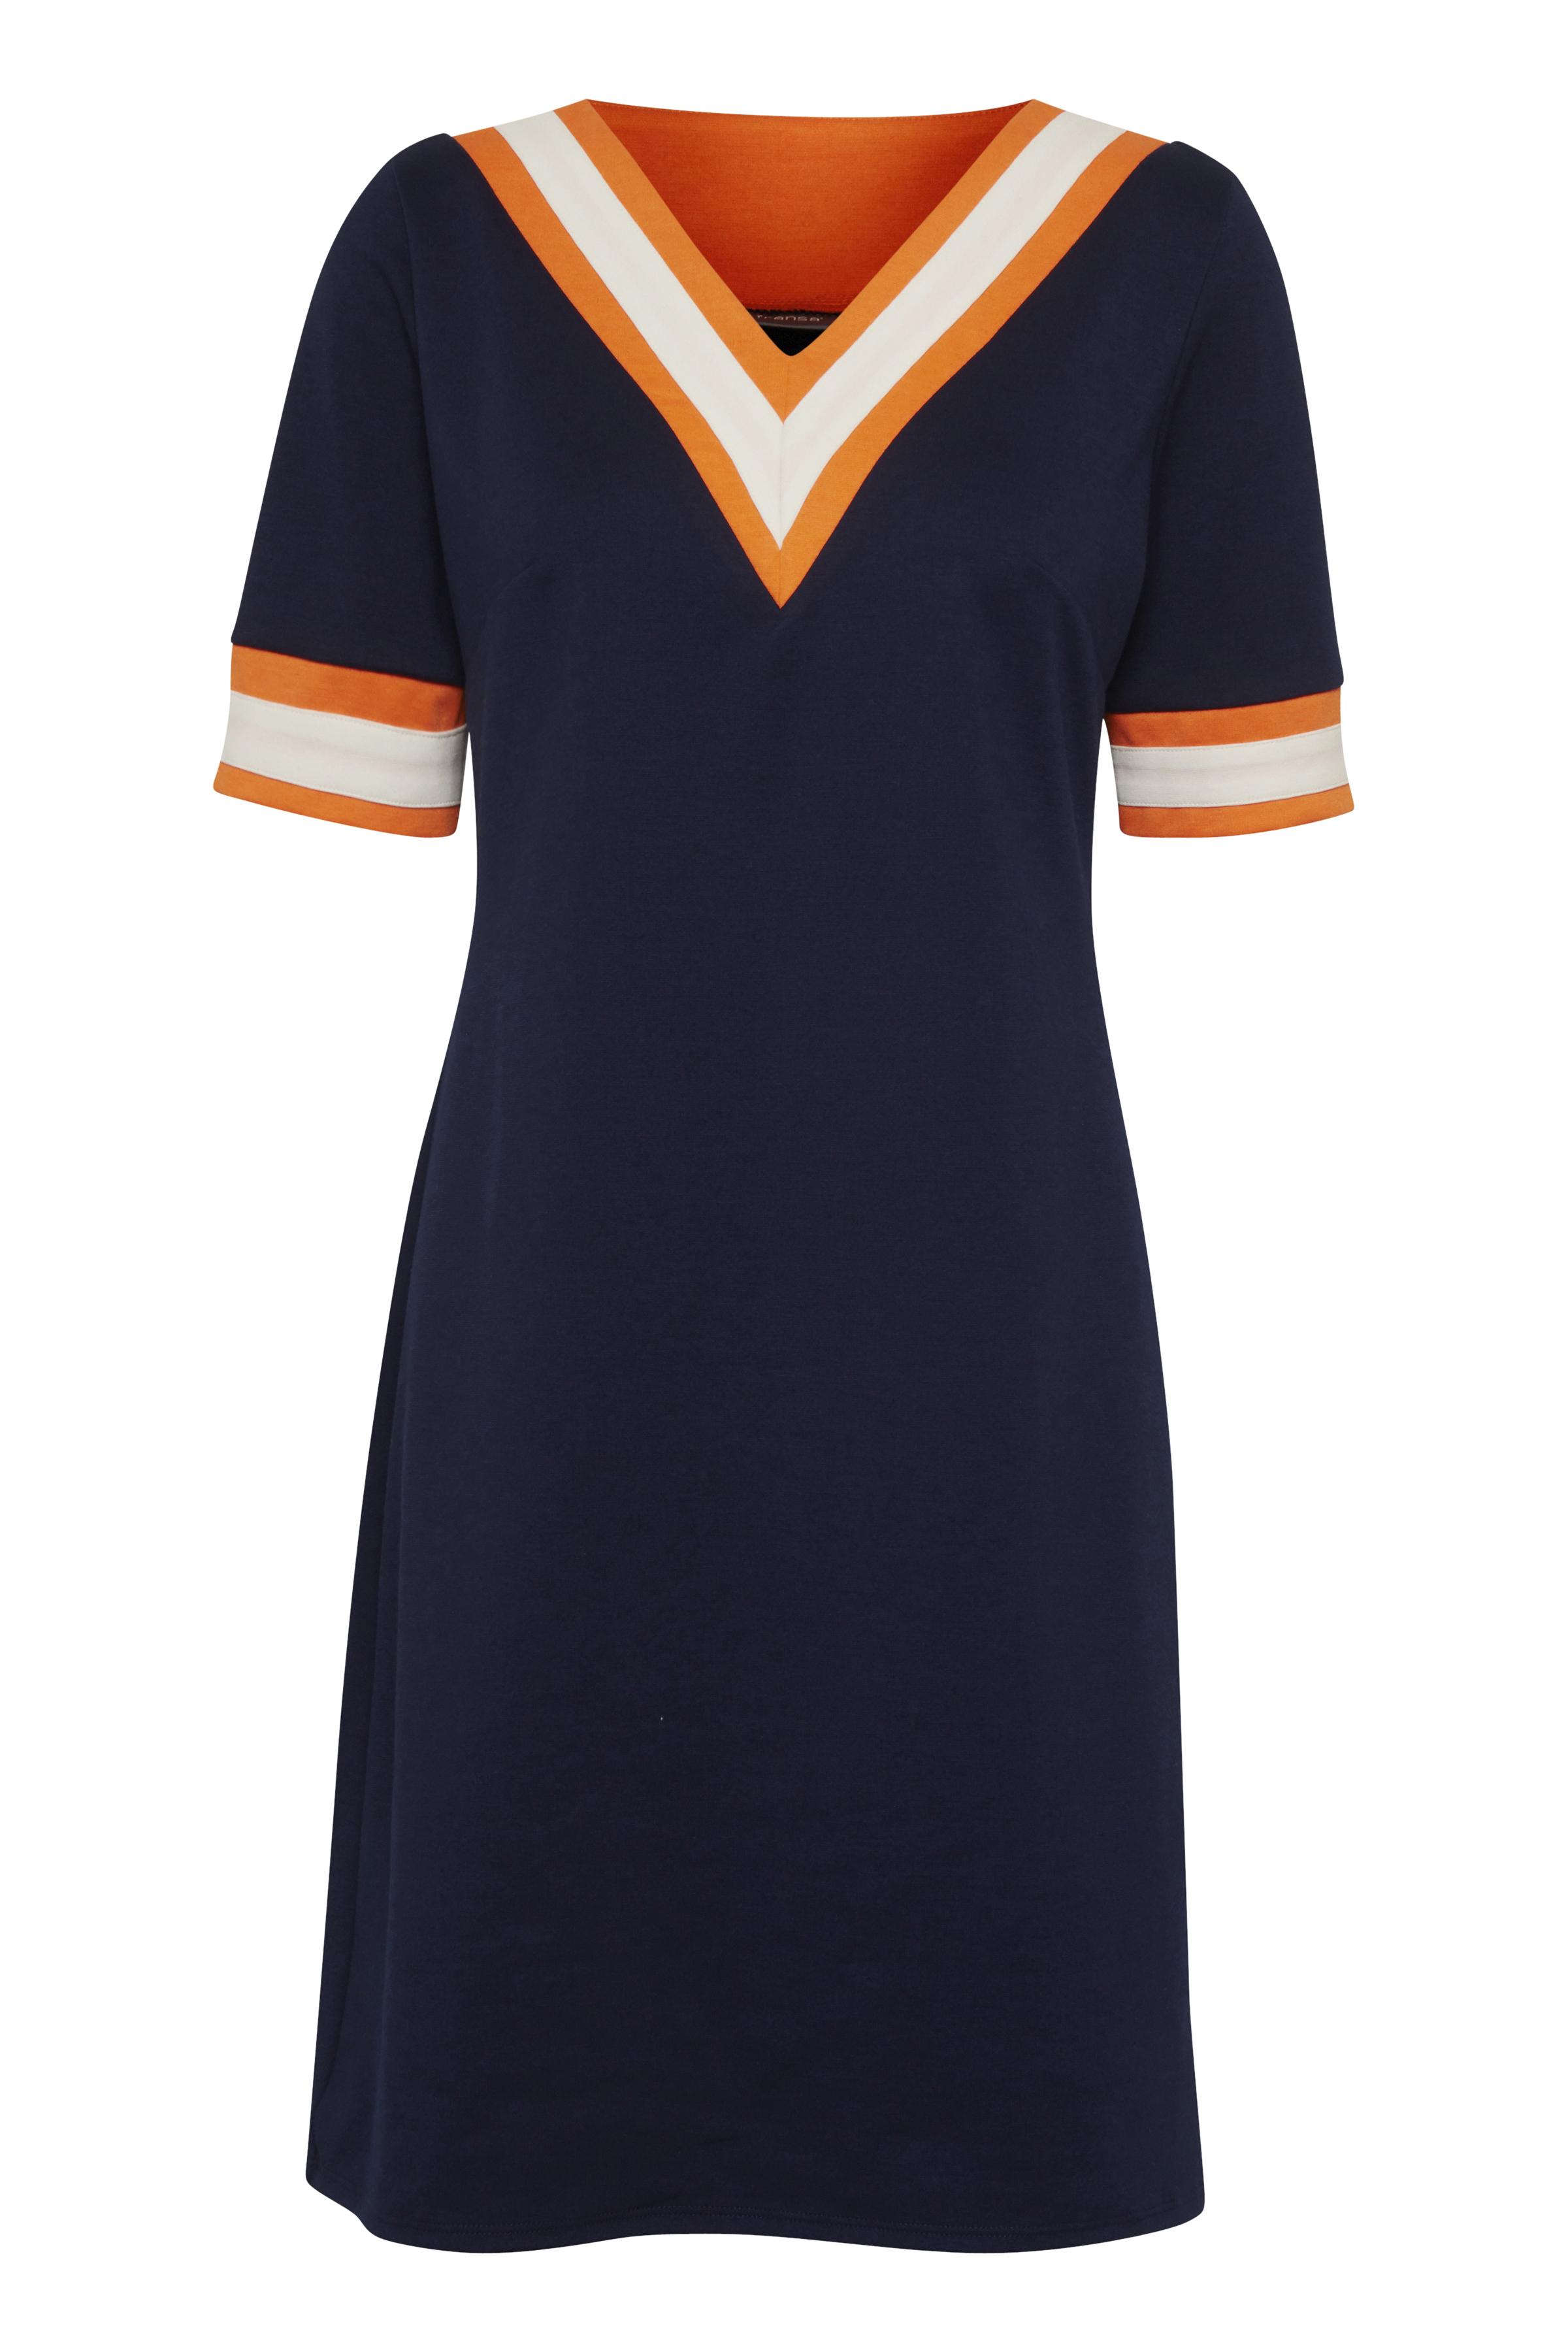 Marinblå/orange